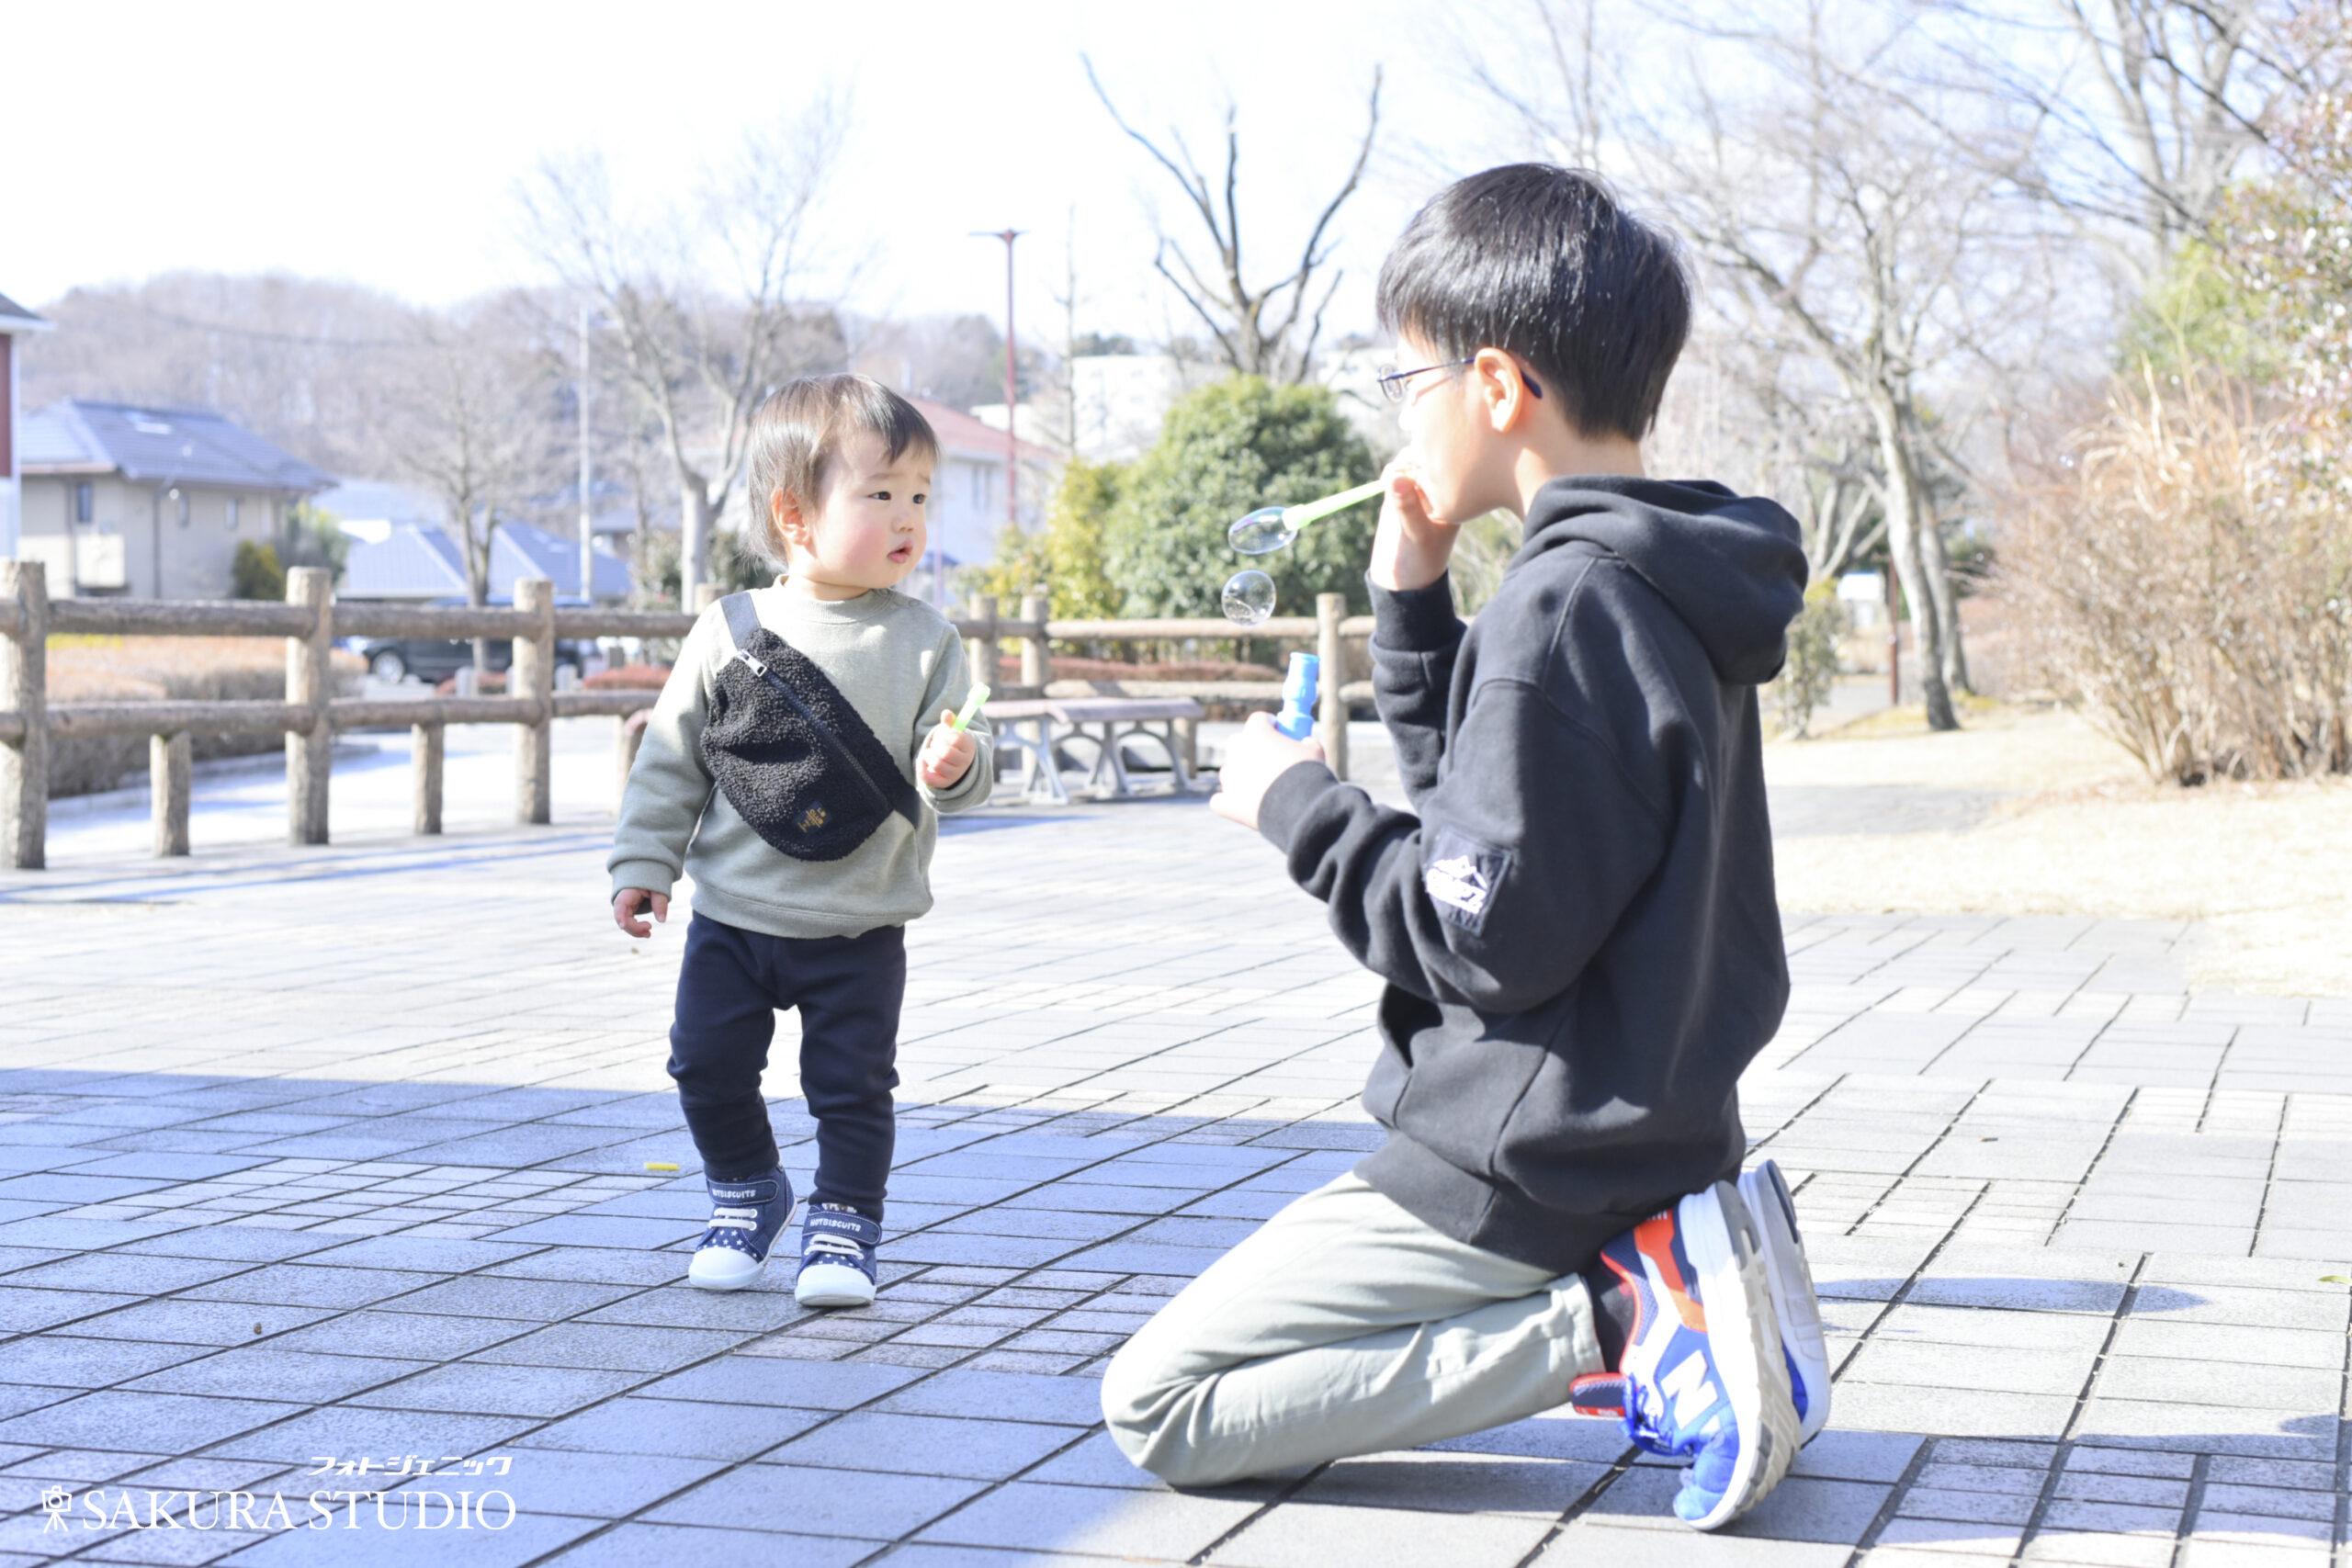 家族写真 ファミリーフォト 男の子 1歳 10歳 兄弟 おそろい フォトスタジオ フォトジェニックサクラスタジオ 宇都宮 写真